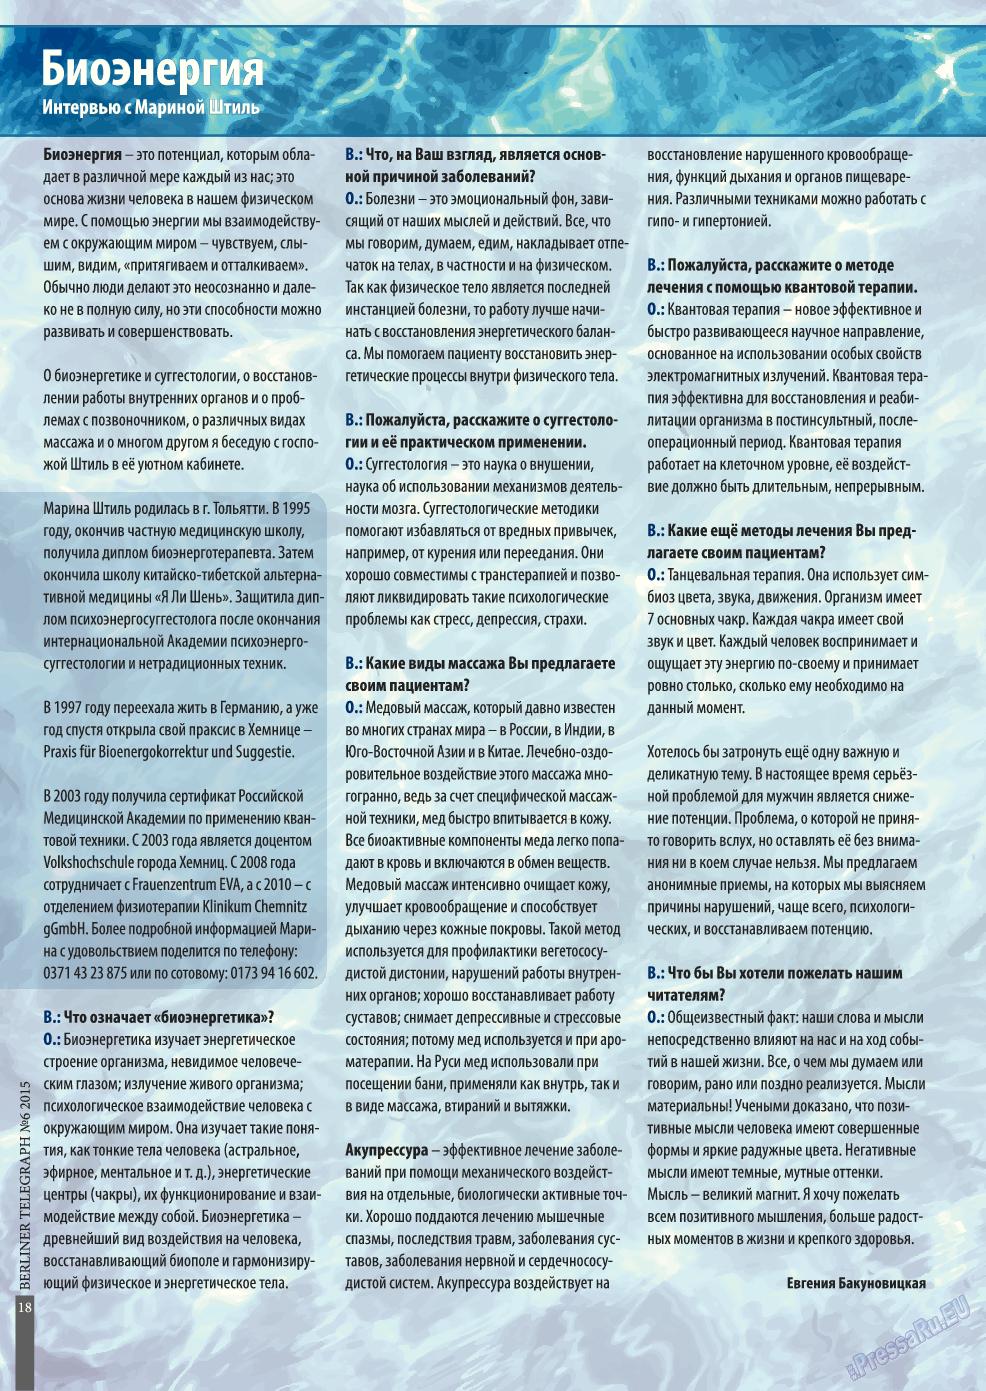 Берлинский телеграф (журнал). 2015 год, номер 6, стр. 18